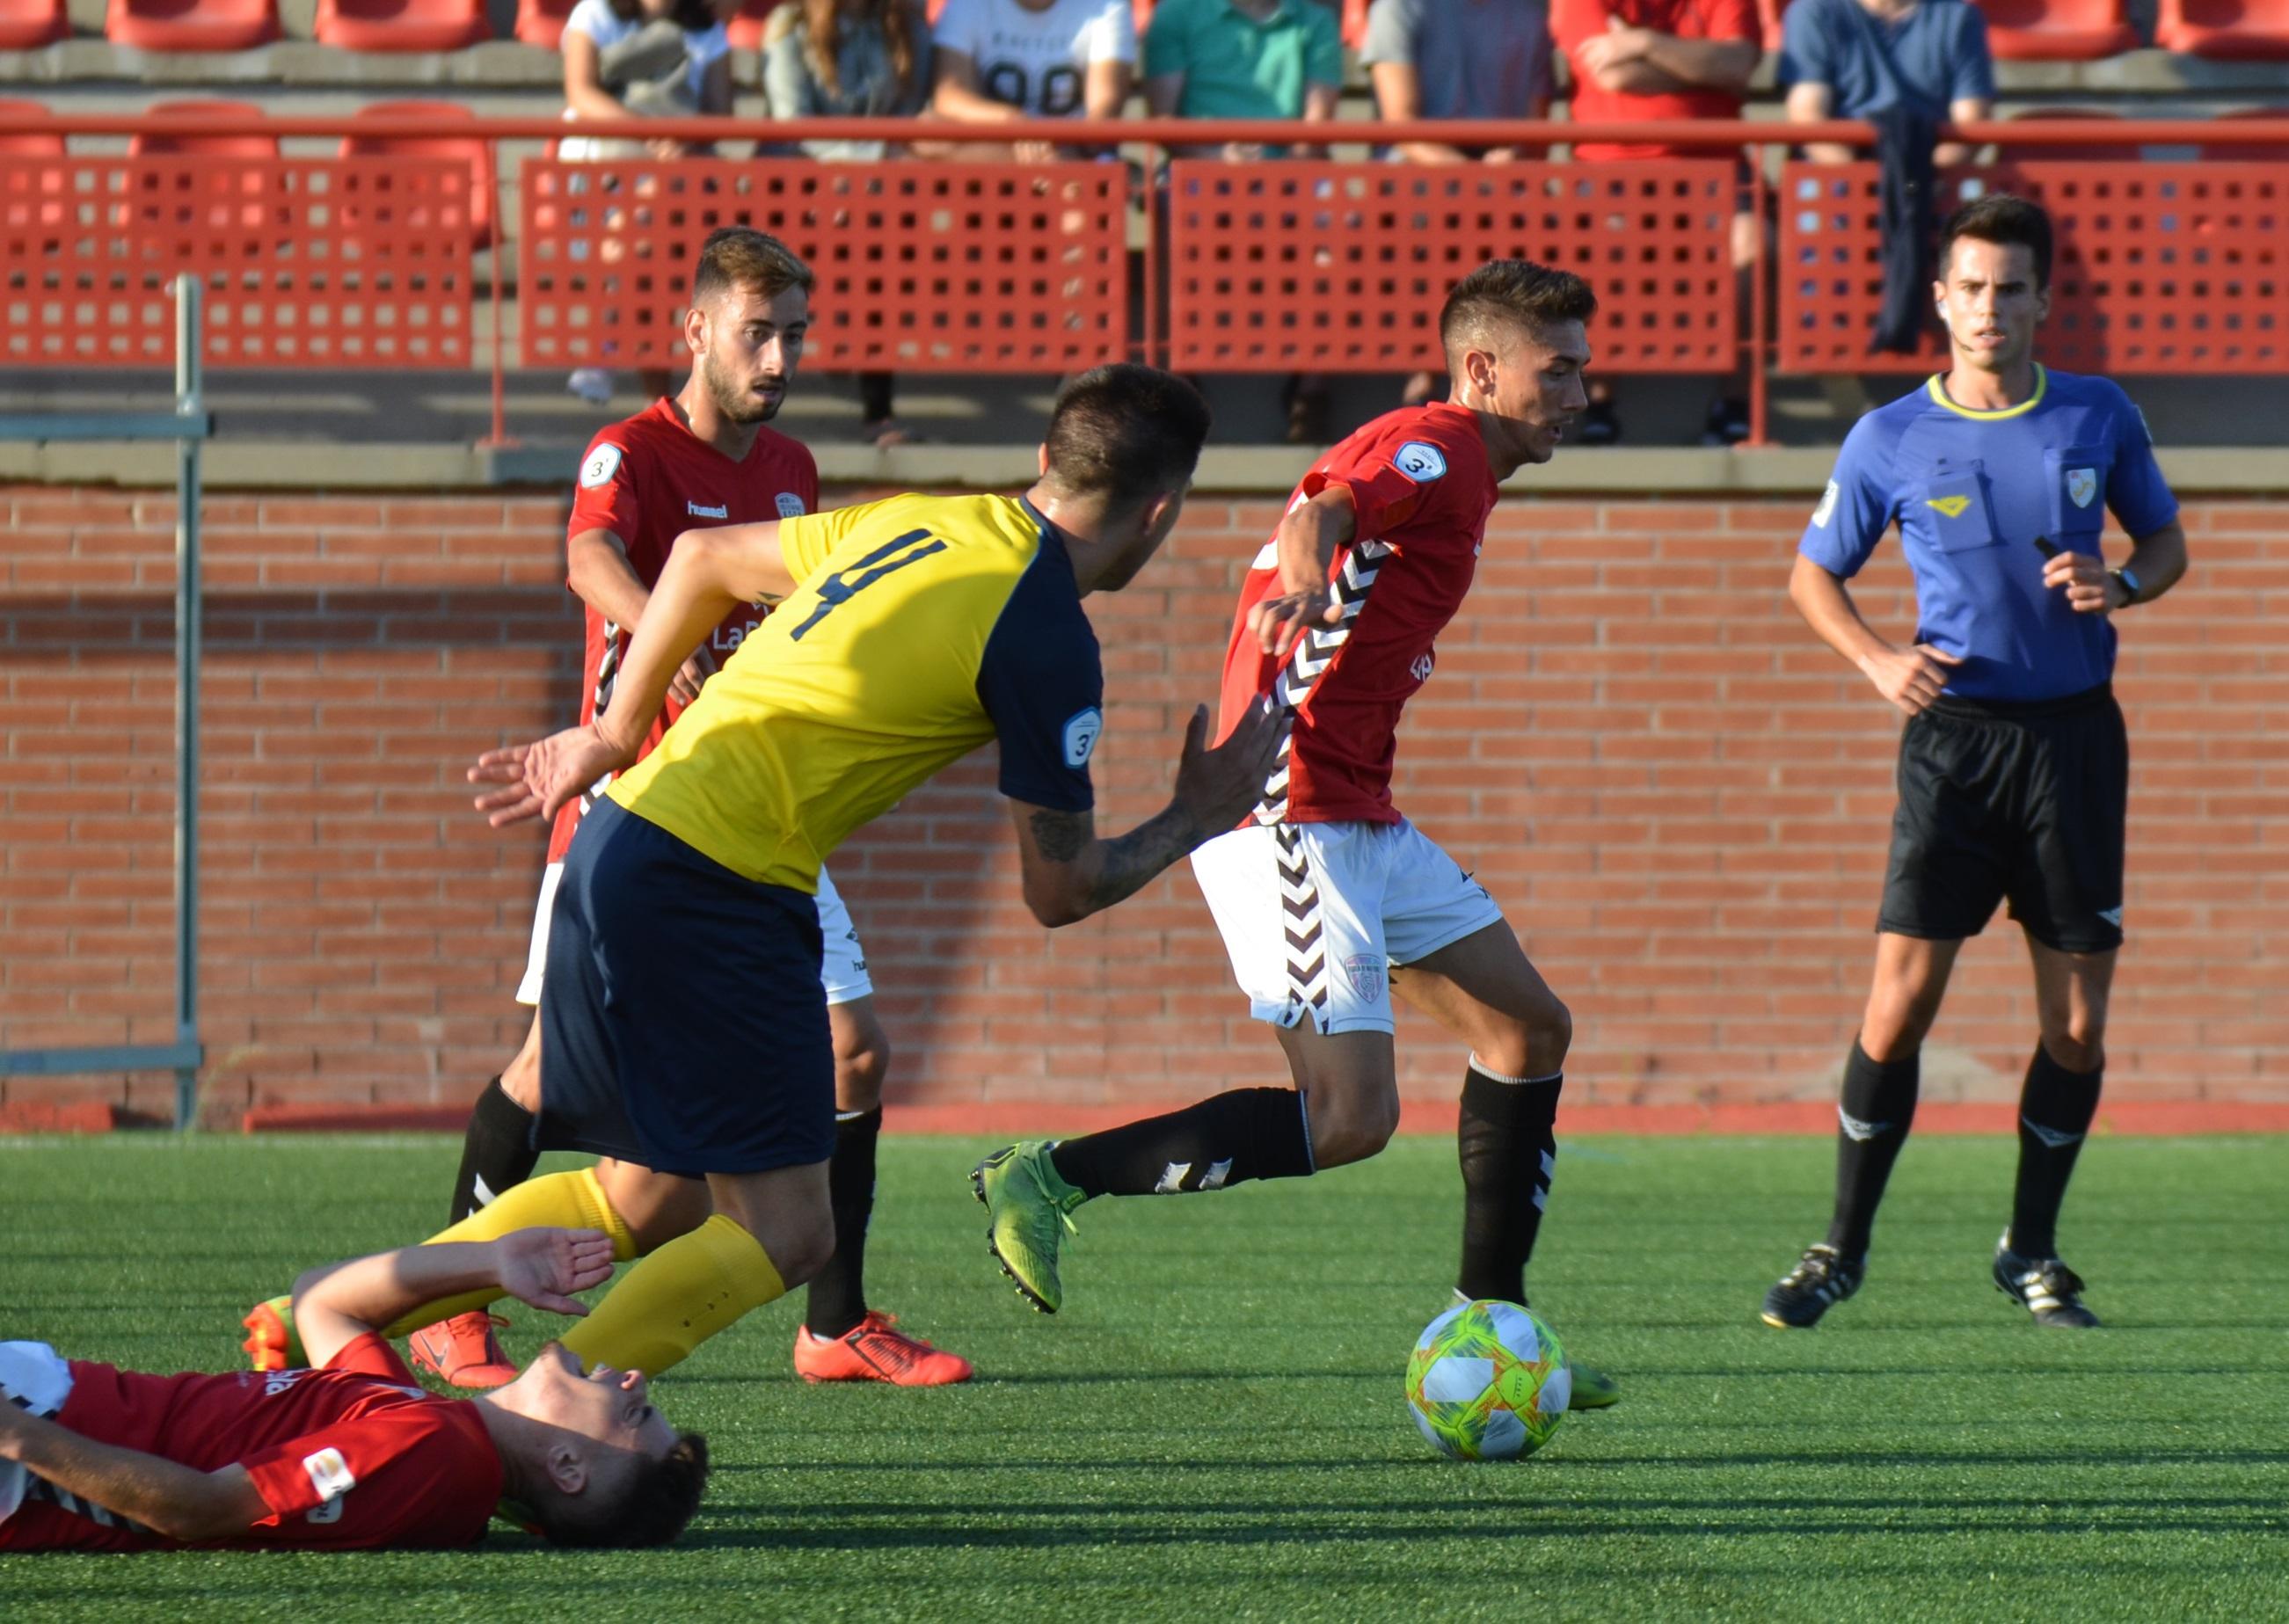 Victòria del CF Pobla de Mafumet davant la UE Castelldefels, per 1 a 0